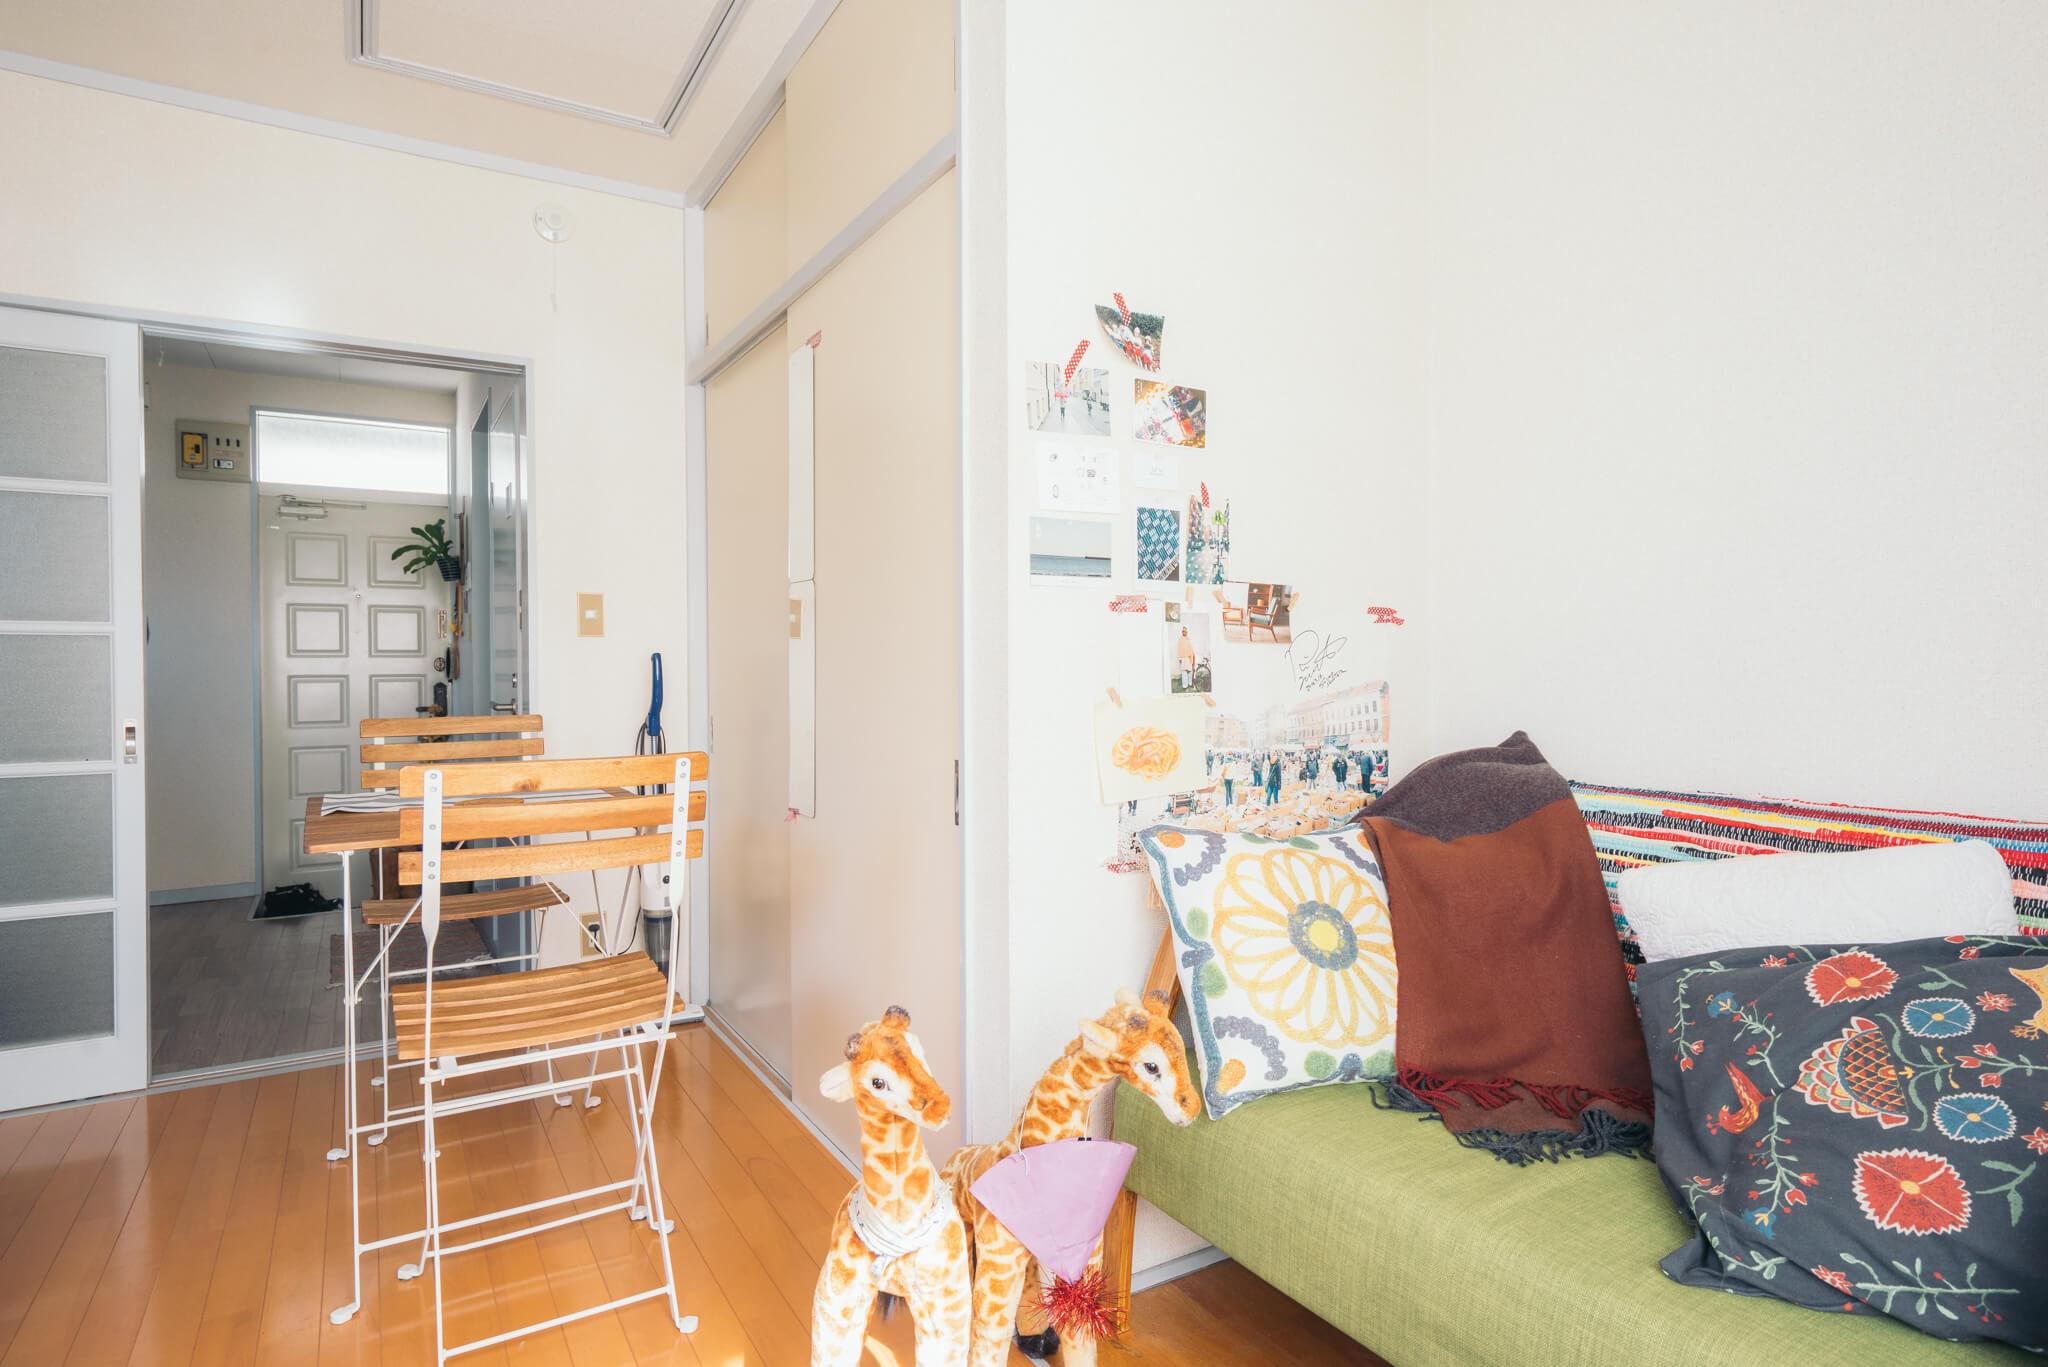 ベッドとソファ、それにダイニングセットがおける間取りで、その中で一番安いお部屋を、と探していて、ここを見つけたんだそう。だからこそ、ぴったり!な配置です。